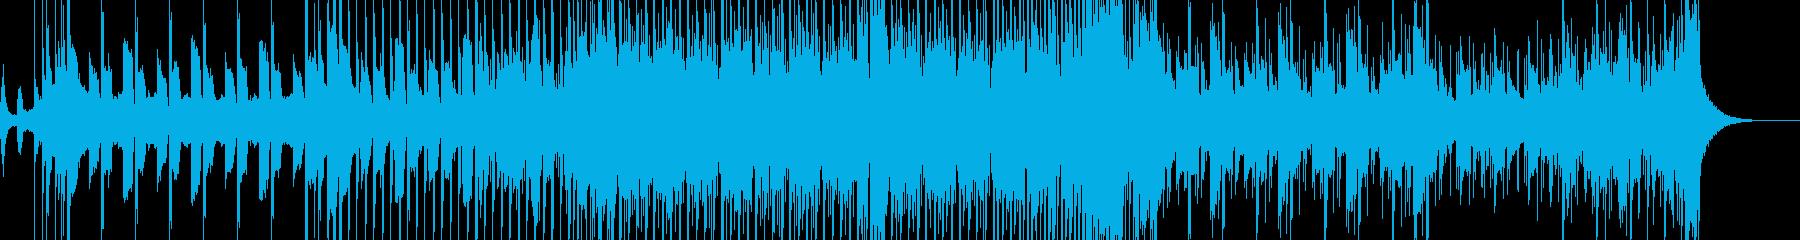 暗めなシンスウェーブの再生済みの波形